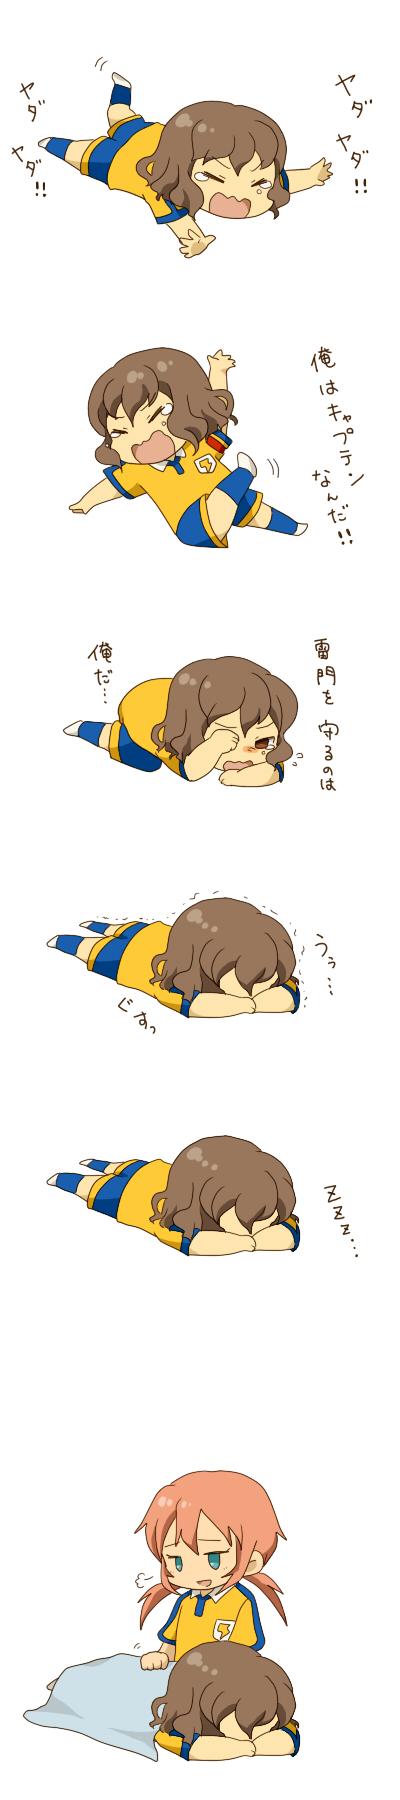 Tags: Anime, Pixiv Id 458740, Inazuma Eleven, Inazuma Eleven GO, Kirino Ranmaru, Shindou Takuto, Yadayada